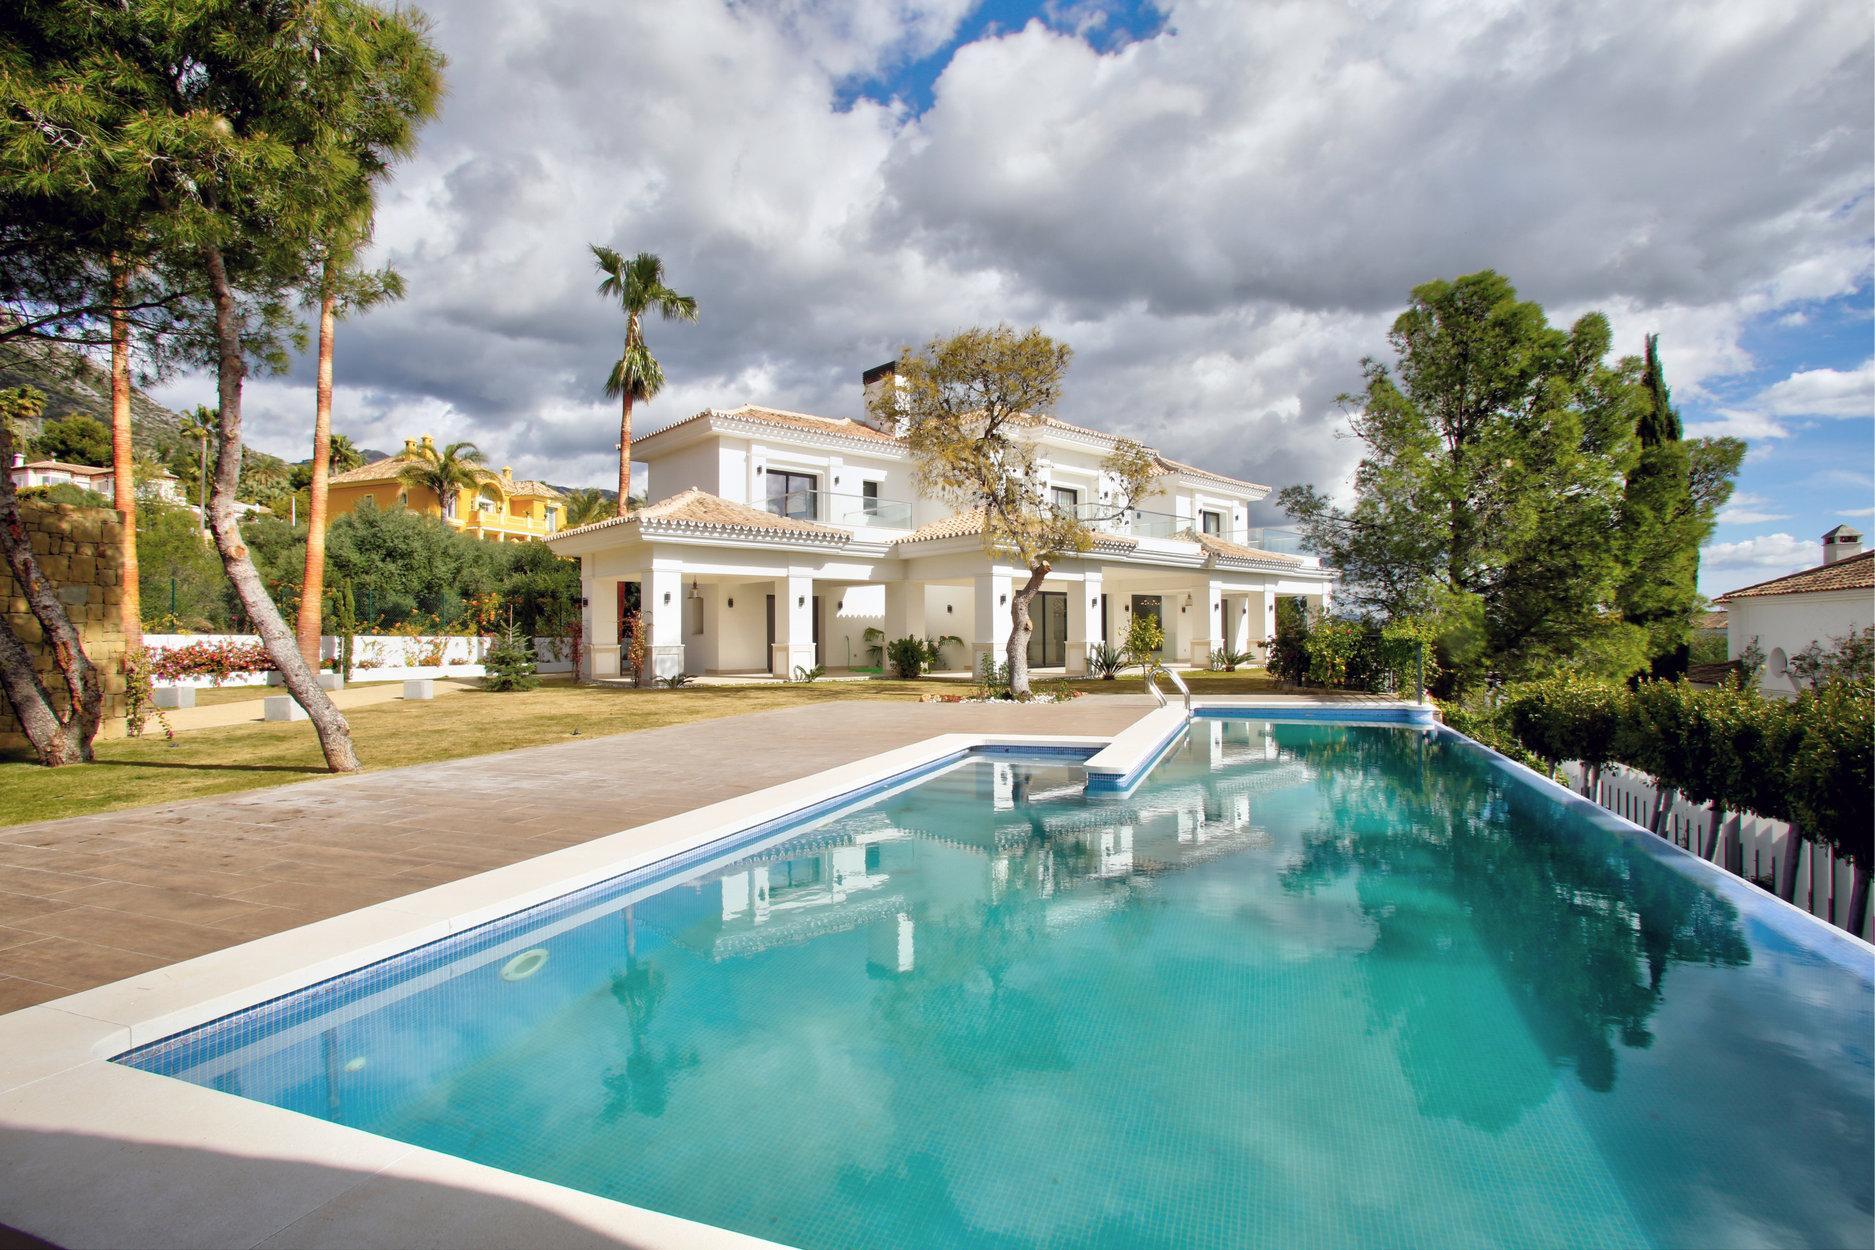 Villa Sierra Blanca, Marbella